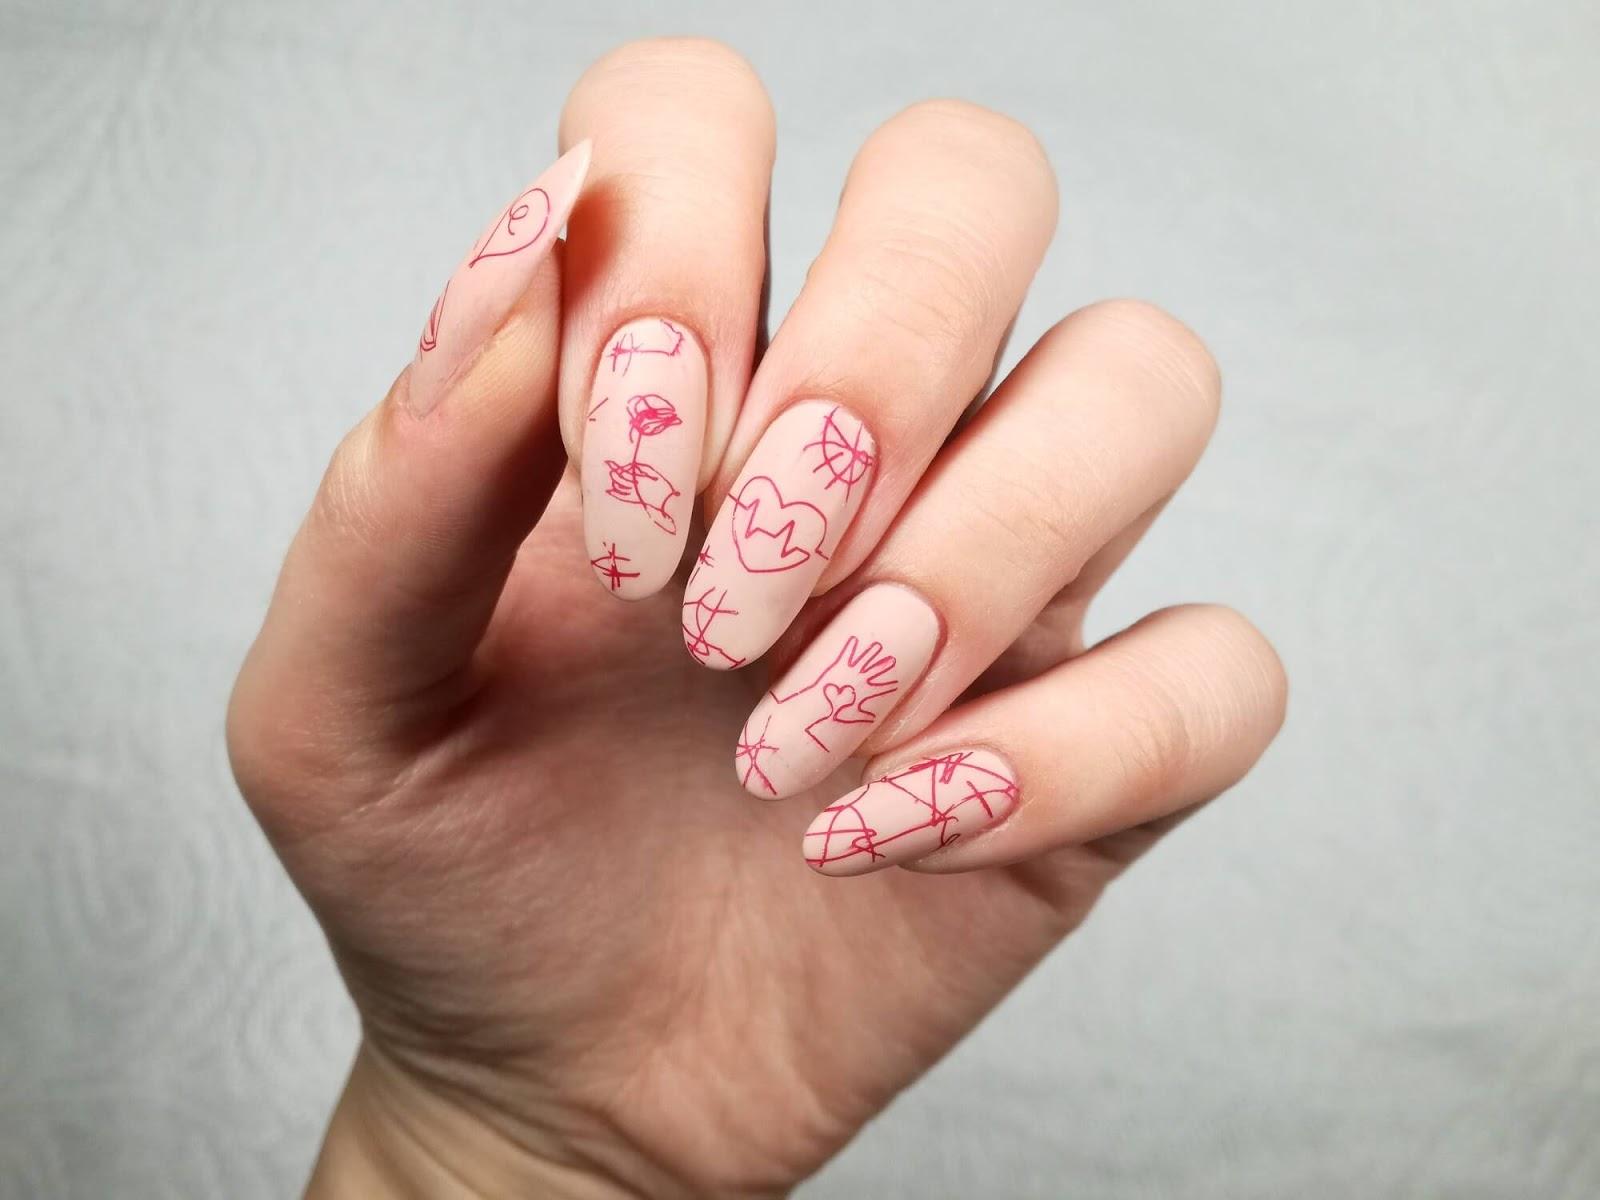 paznokcie cieliste ze wzorem